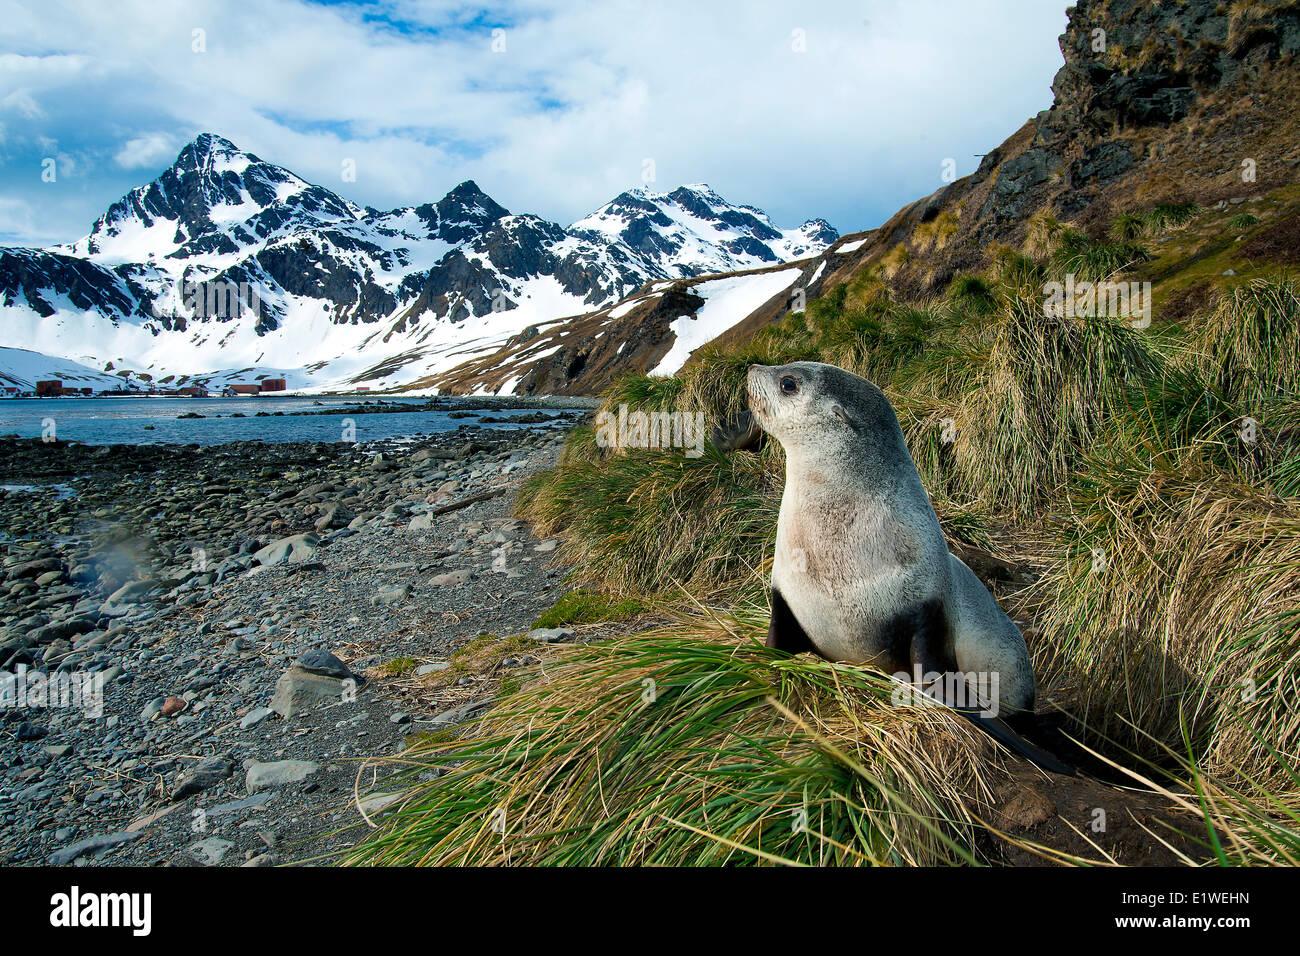 L'Antarctique pour mineurs (Arctocephalus gazella), l'île de Géorgie du Sud, l'Antarctique Banque D'Images